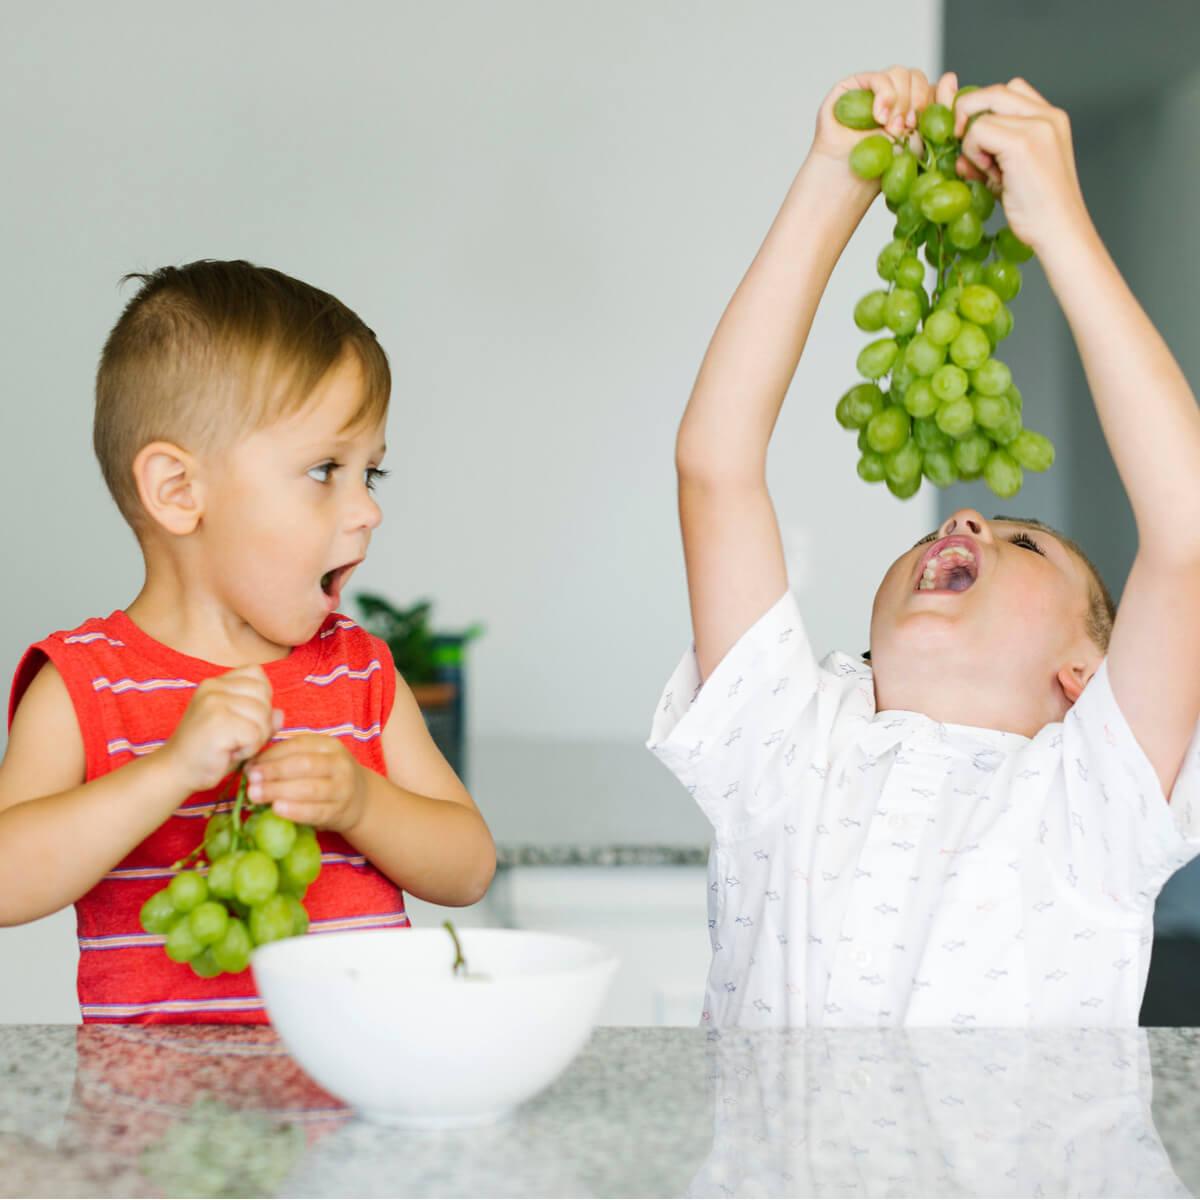 خفگی در کودکان